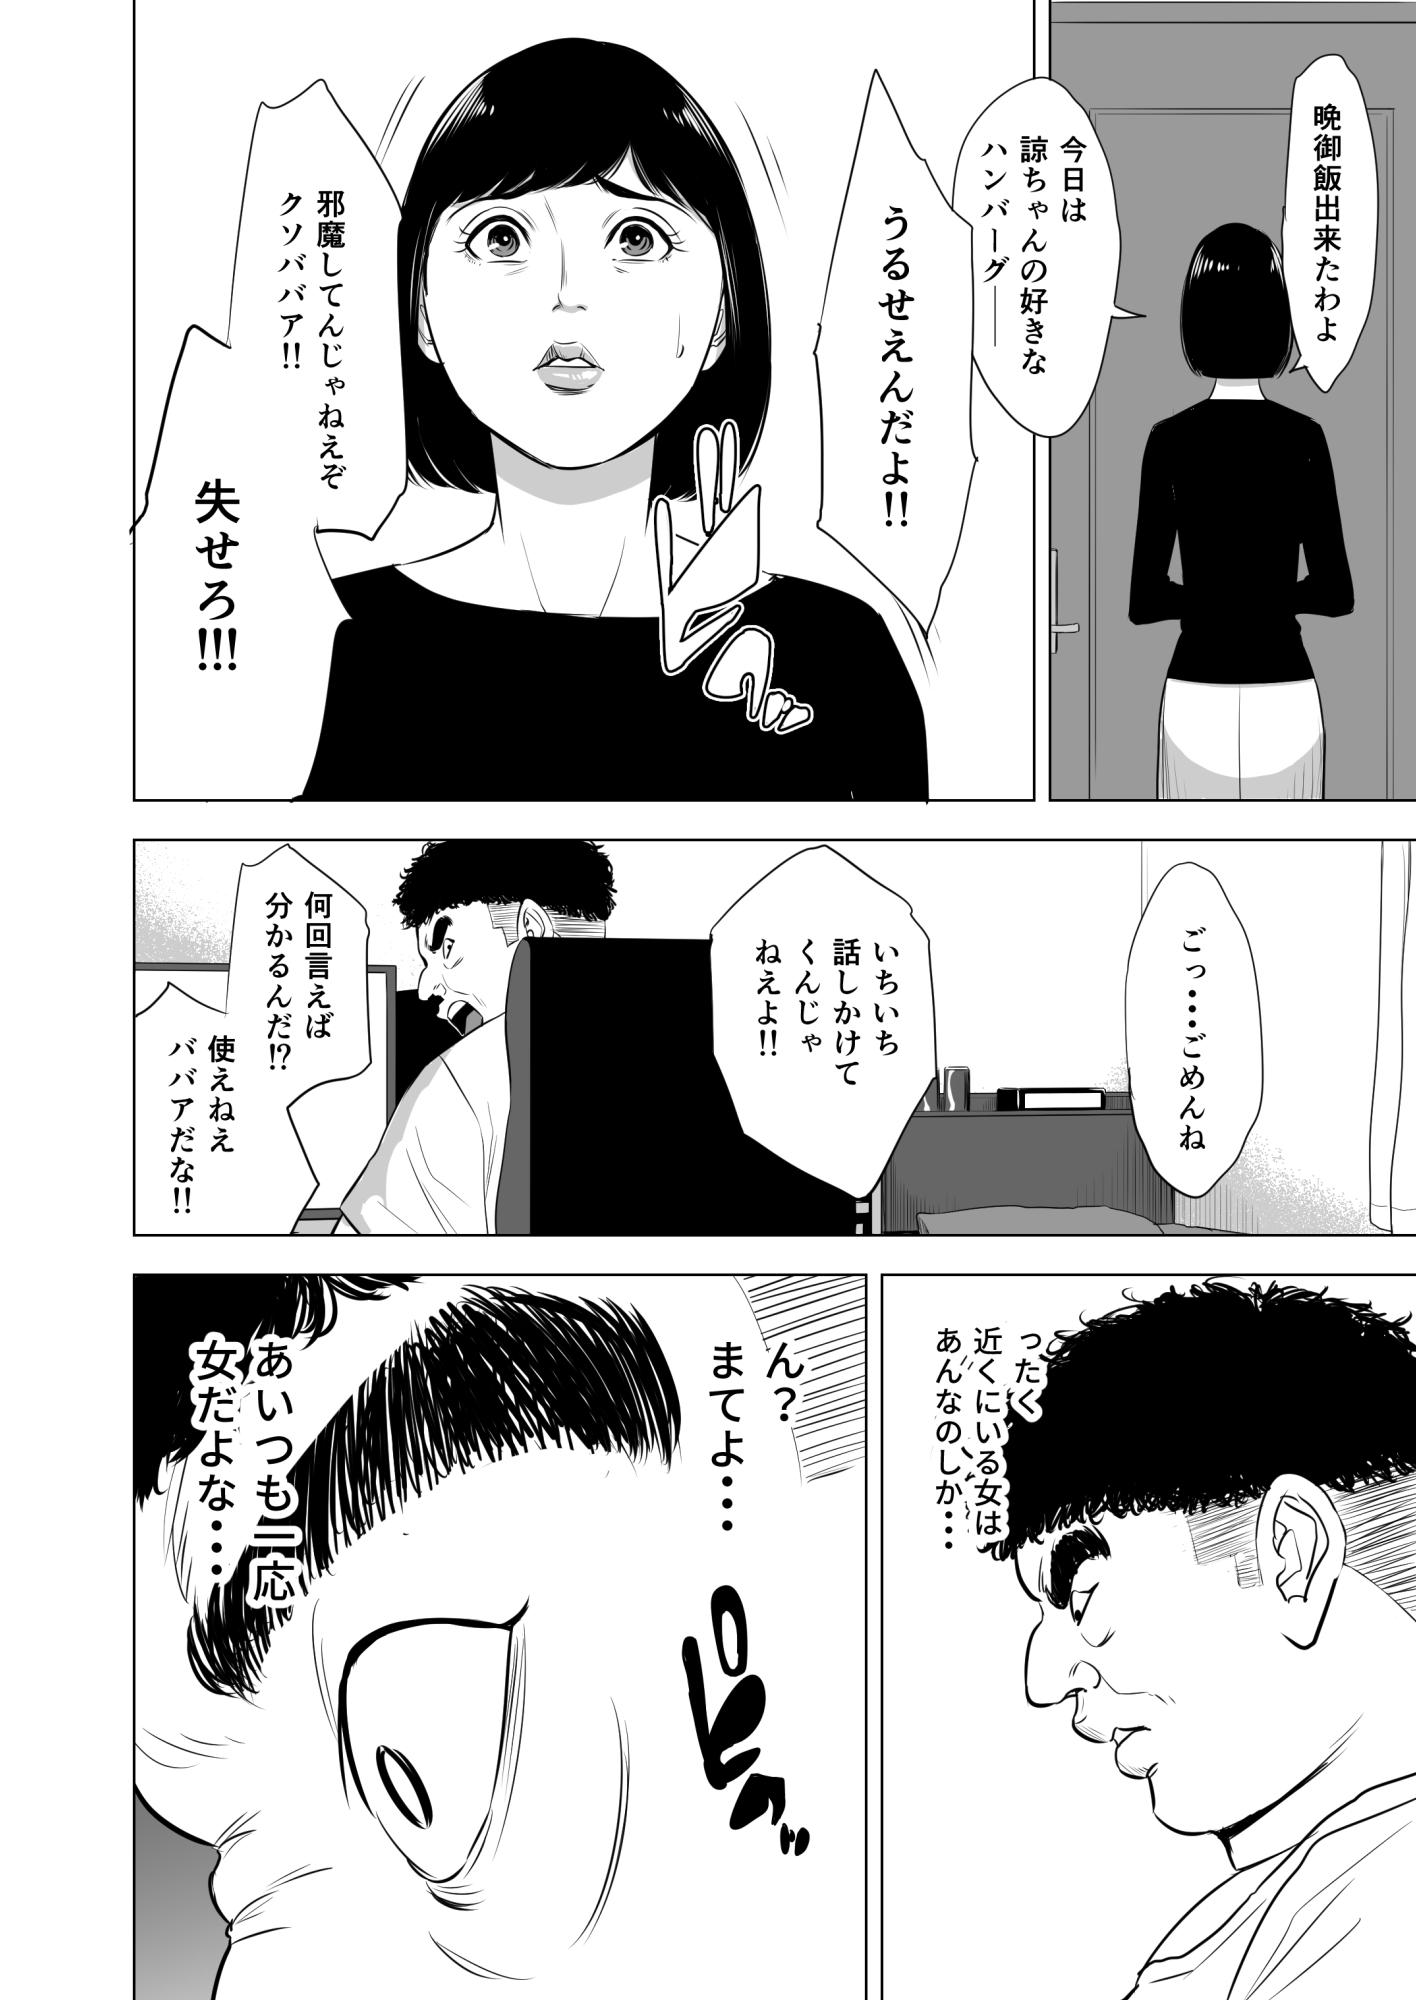 【エロ漫画無料大全集】【主婦エロ漫画】引き籠りの息子の性処理道具になってしまった母がとんでもないことに…